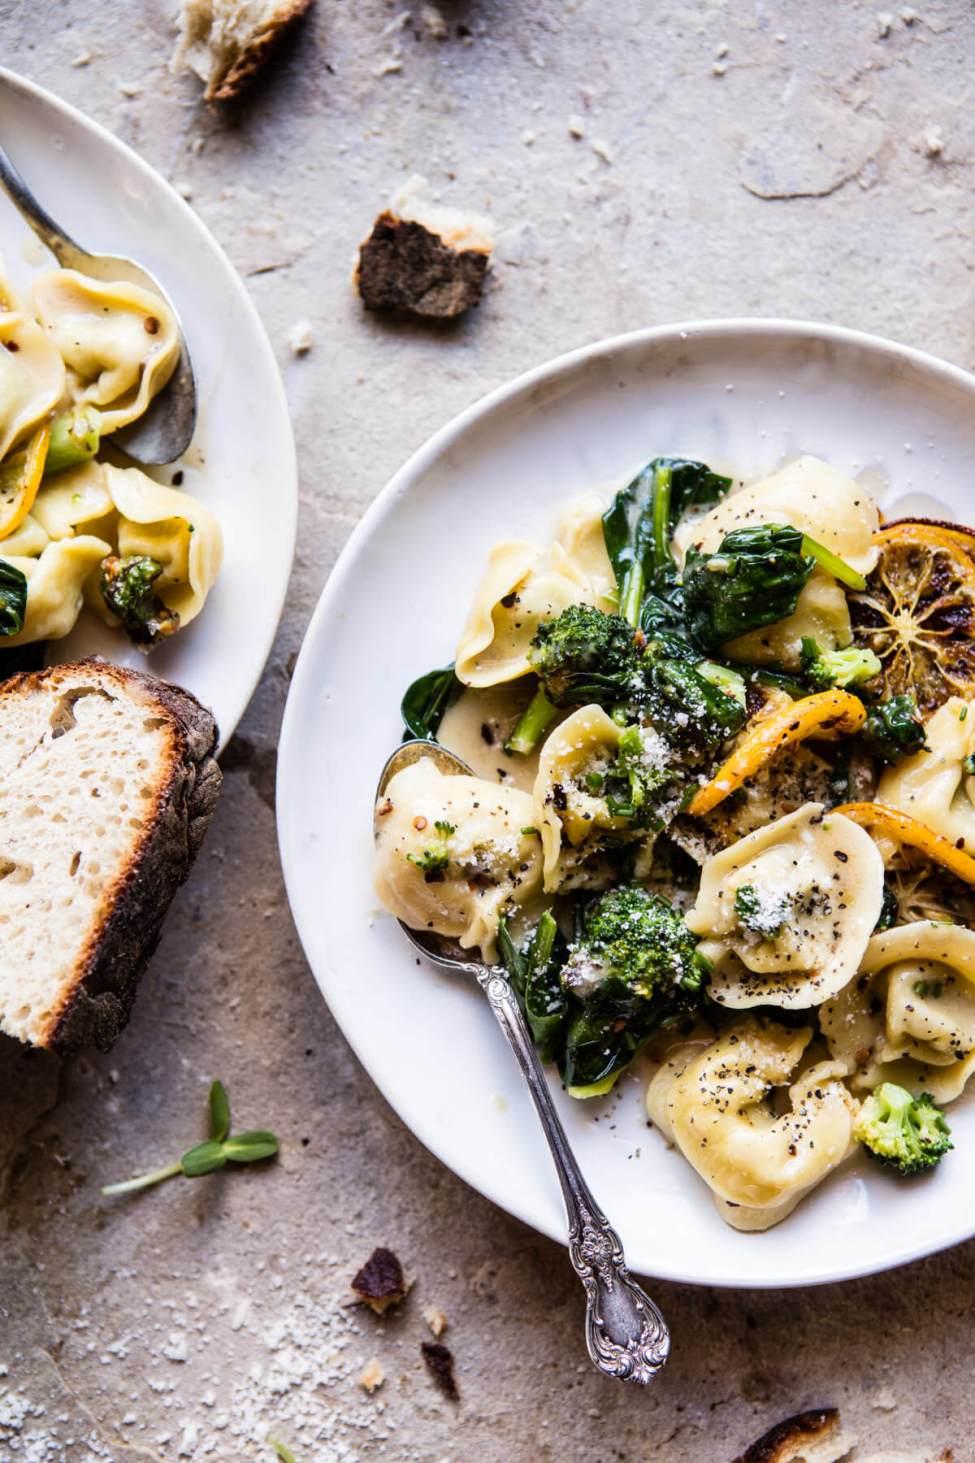 Recette végétarienne Pinterest - Tortellini au fromage de chèvre et brocolis